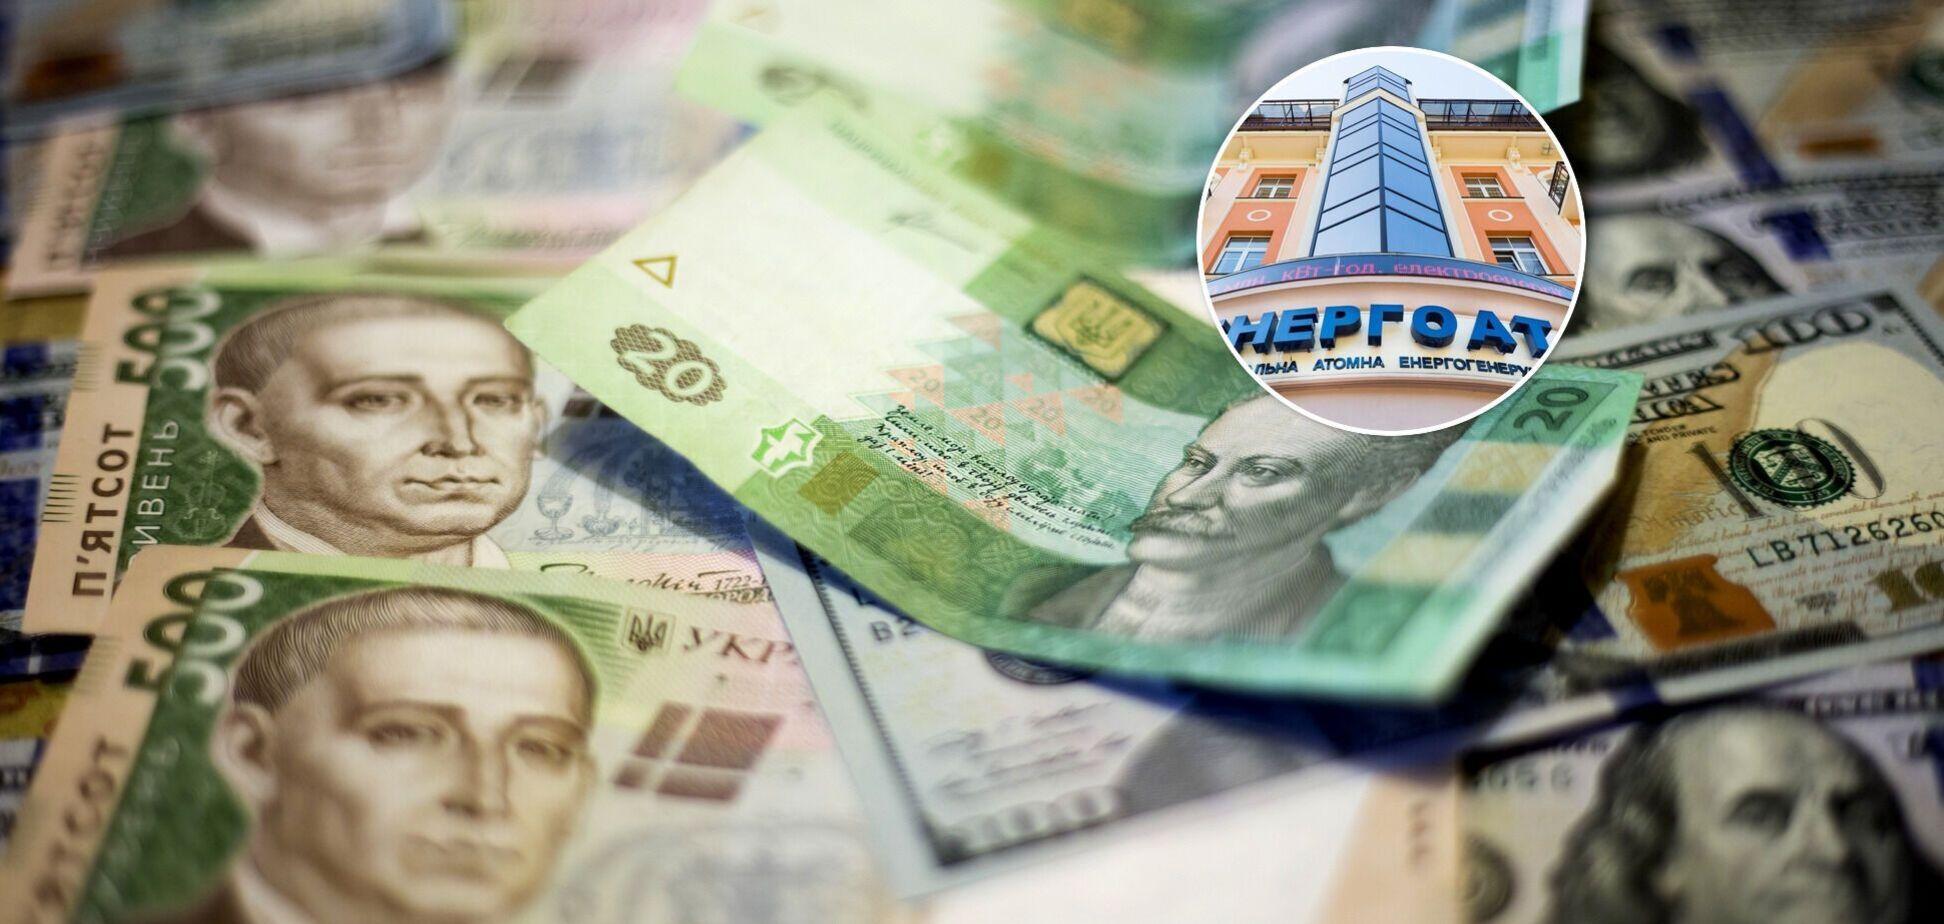 Минэнерго получил более 4 млрд грн убытков на своих предприятиях